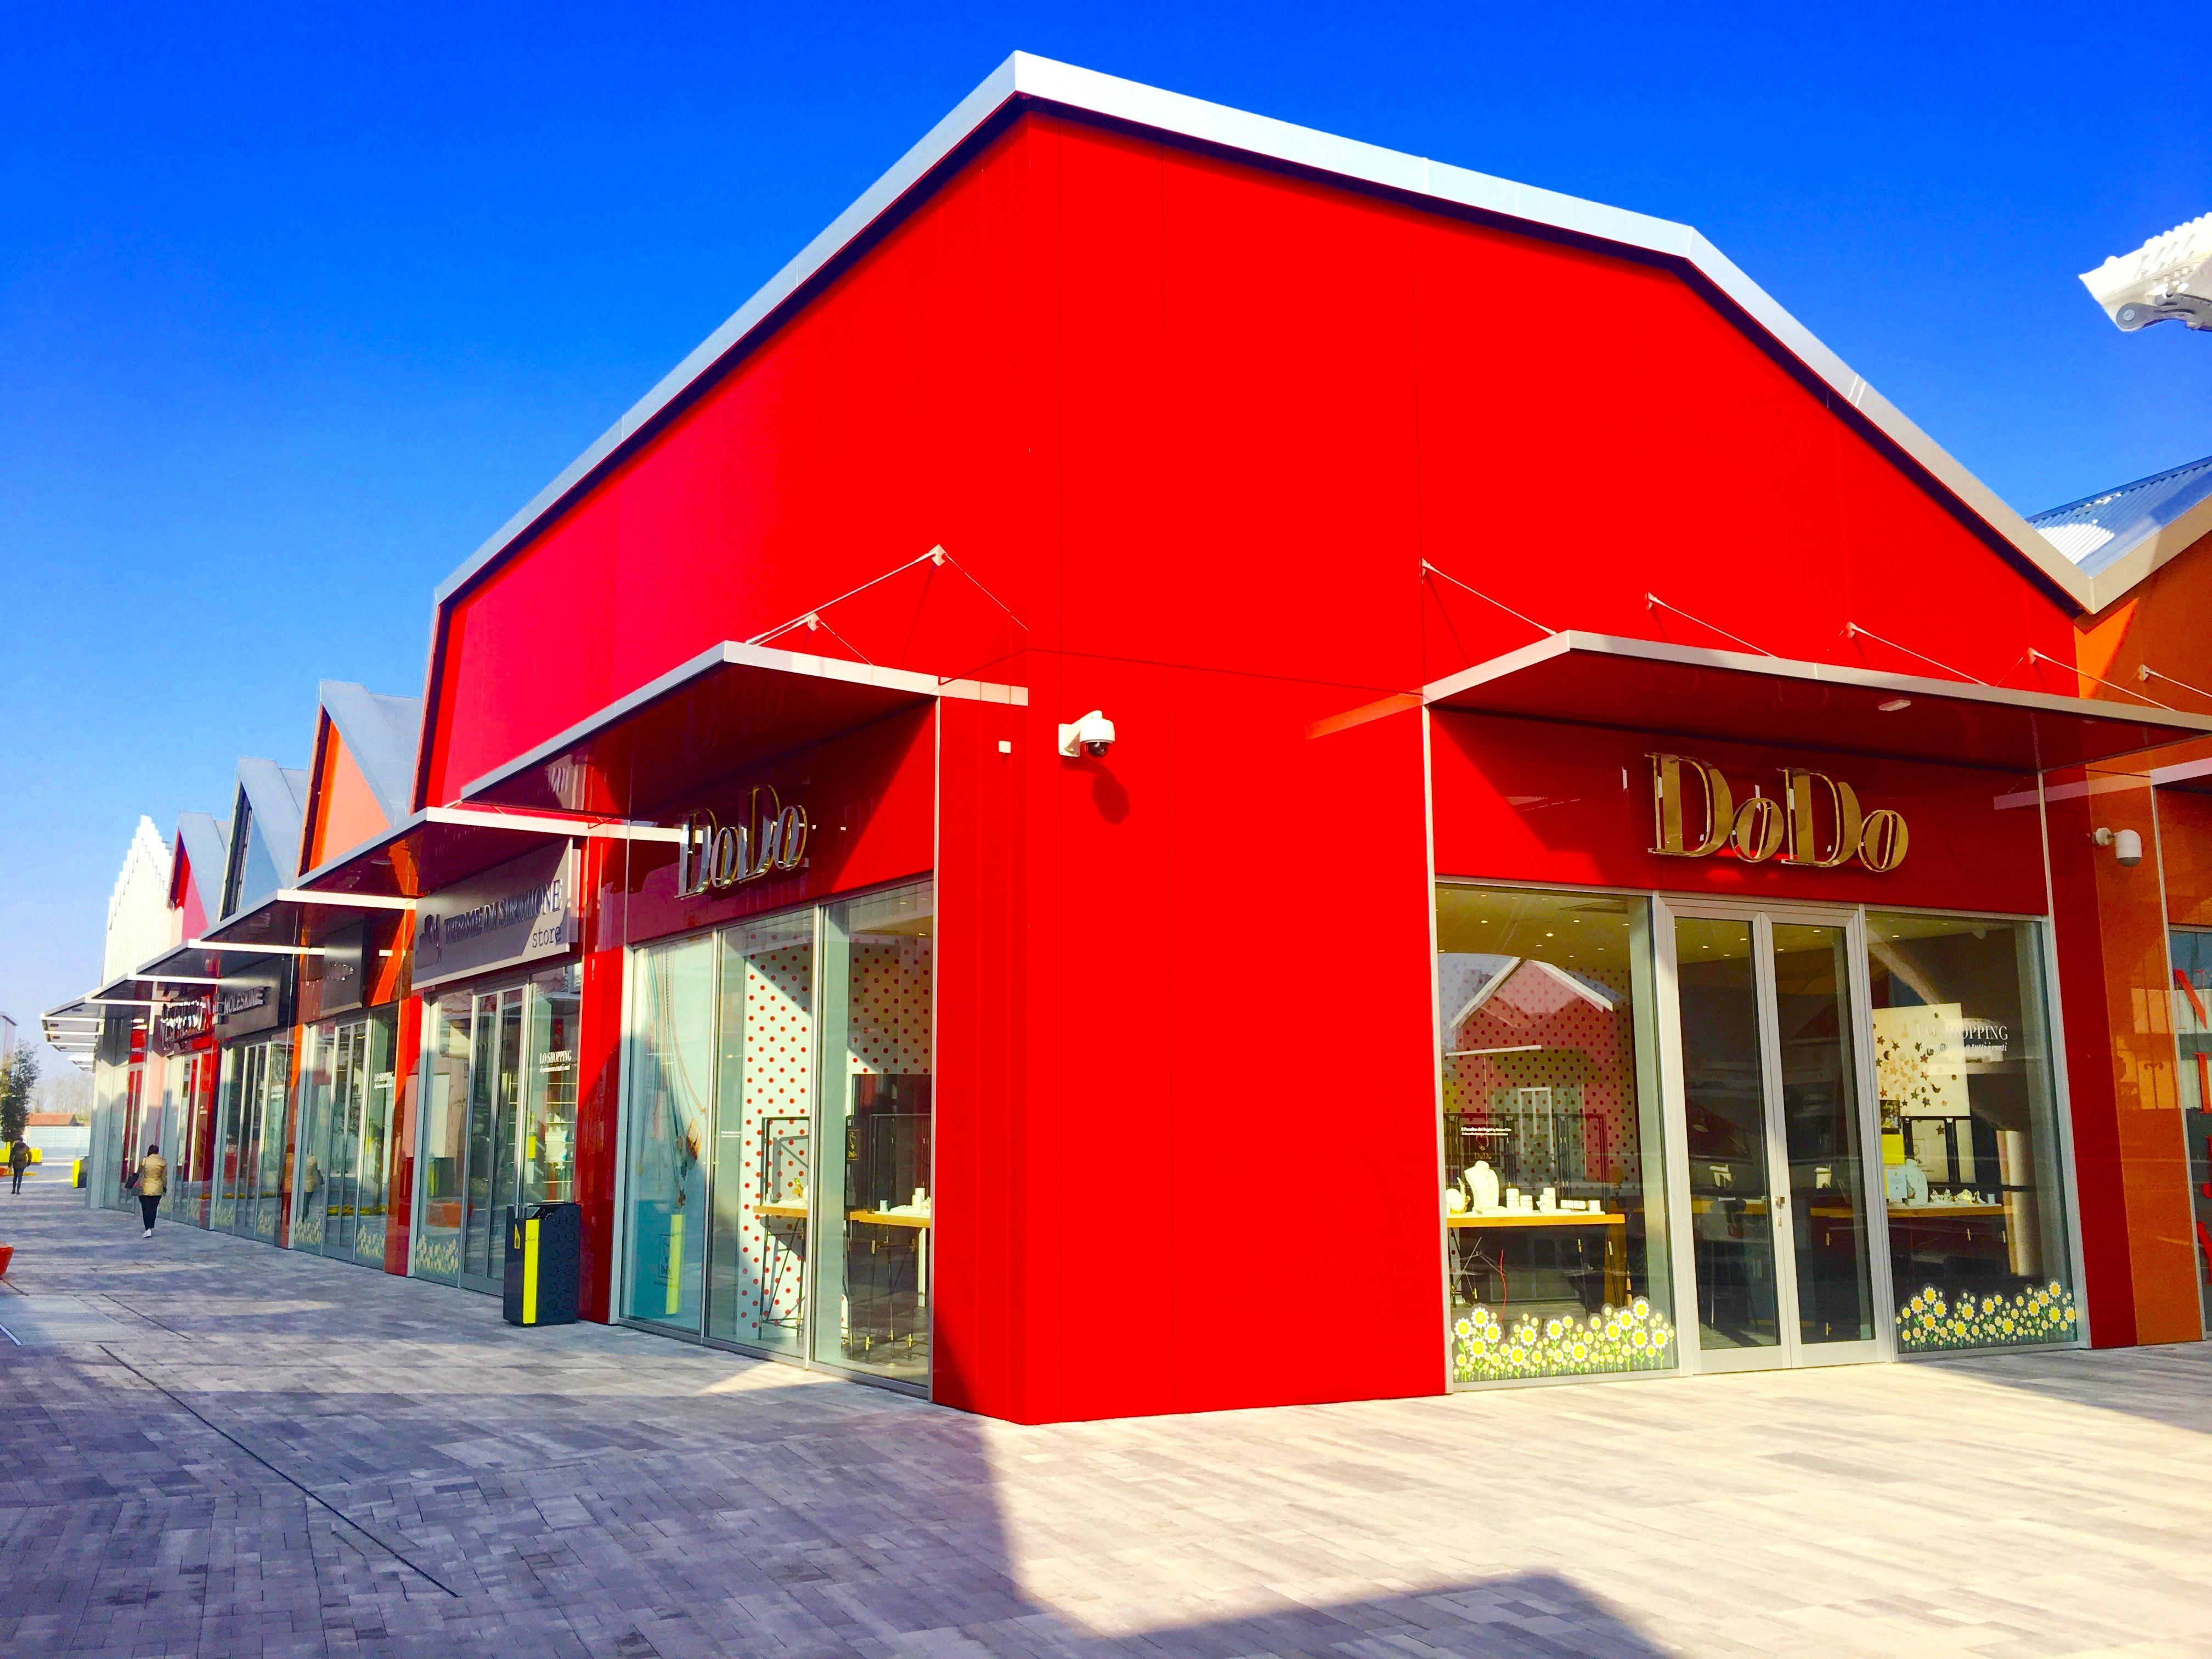 Negozi Arredamento Bari E Provincia insegne negozi scalo milano, insegne locate triulzi, insegne